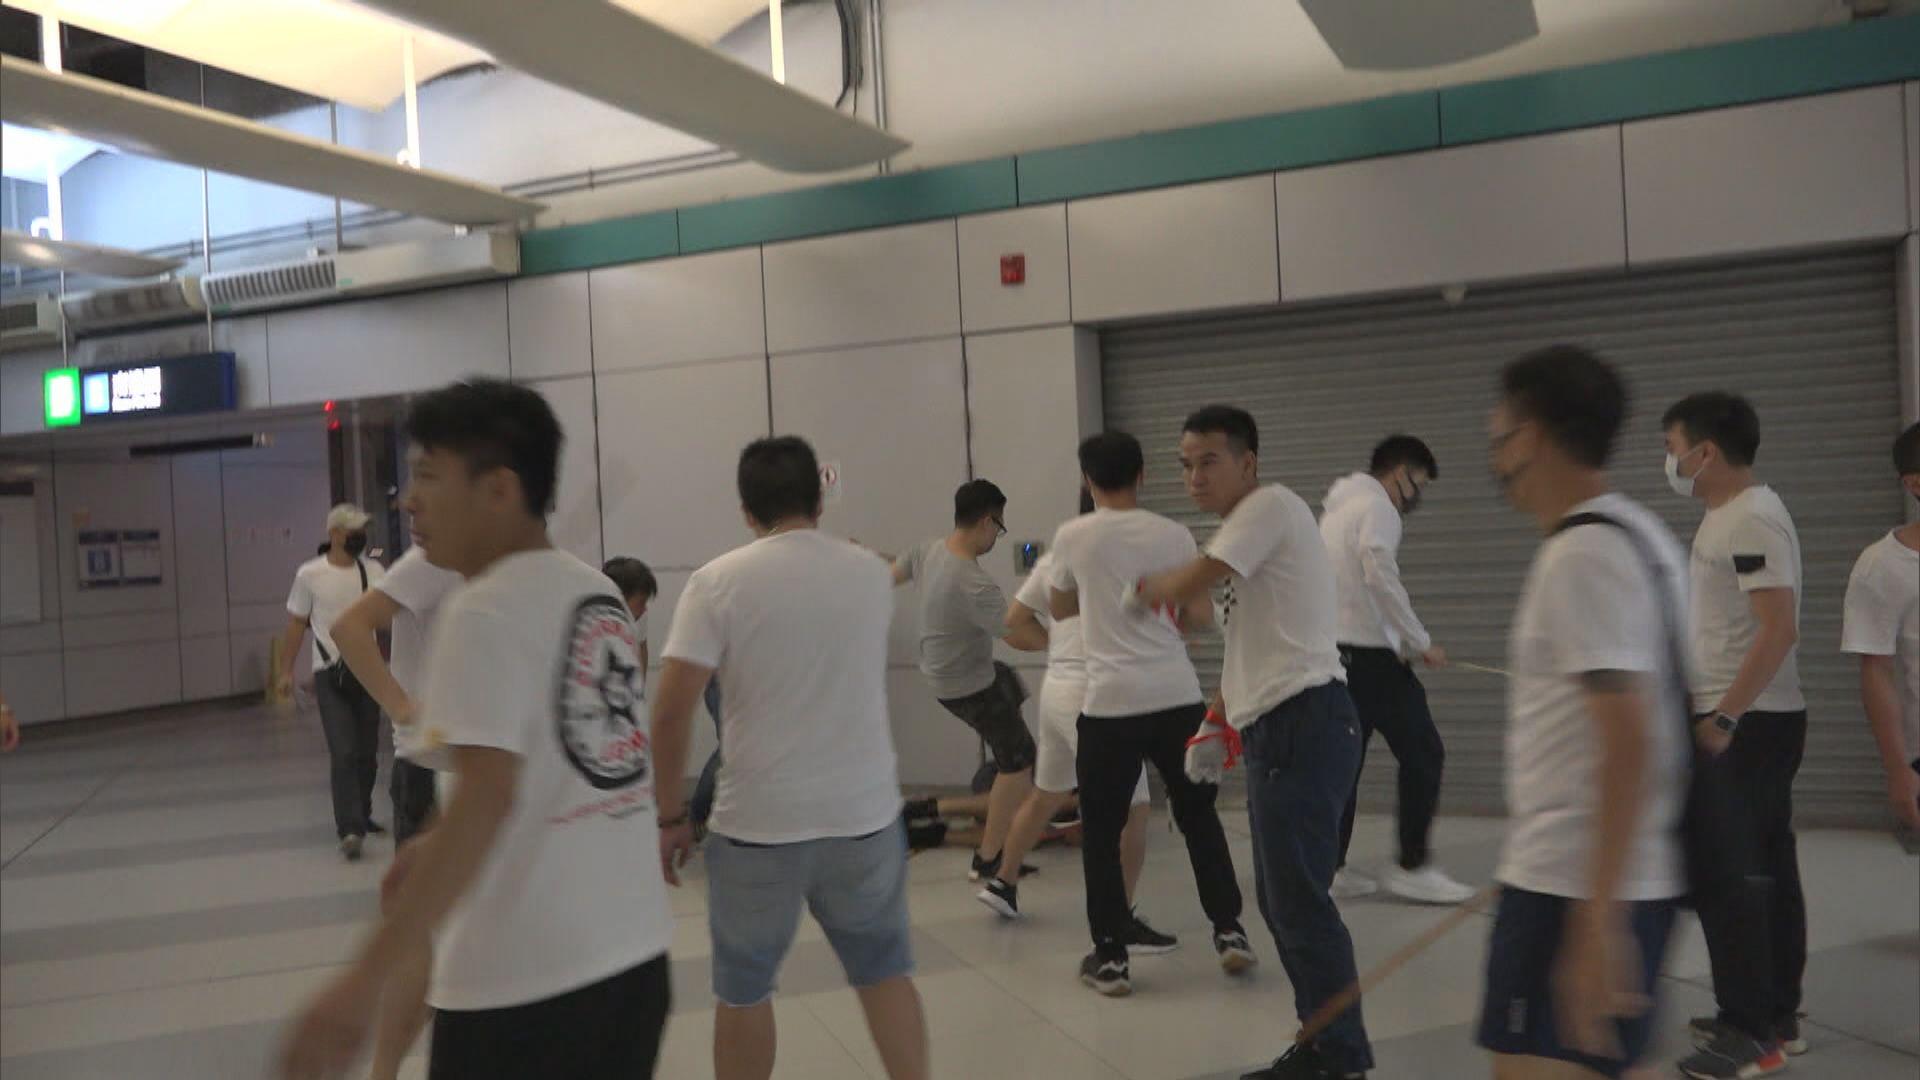 721元朗襲擊 七男子被控暴動再提堂